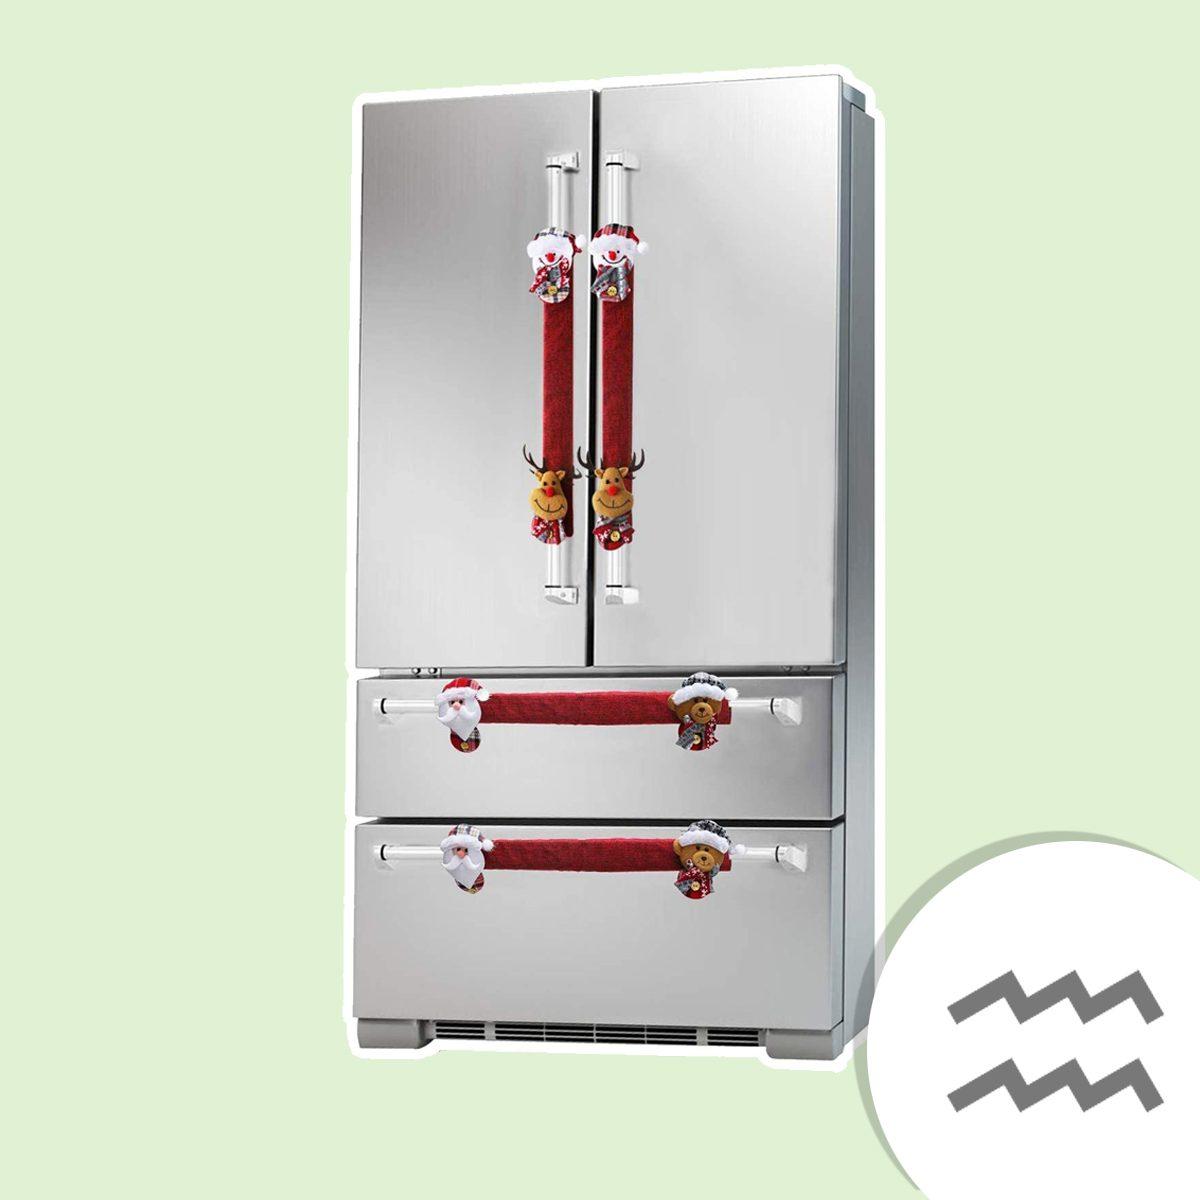 Christmas Refrigerator Door Handle Covers